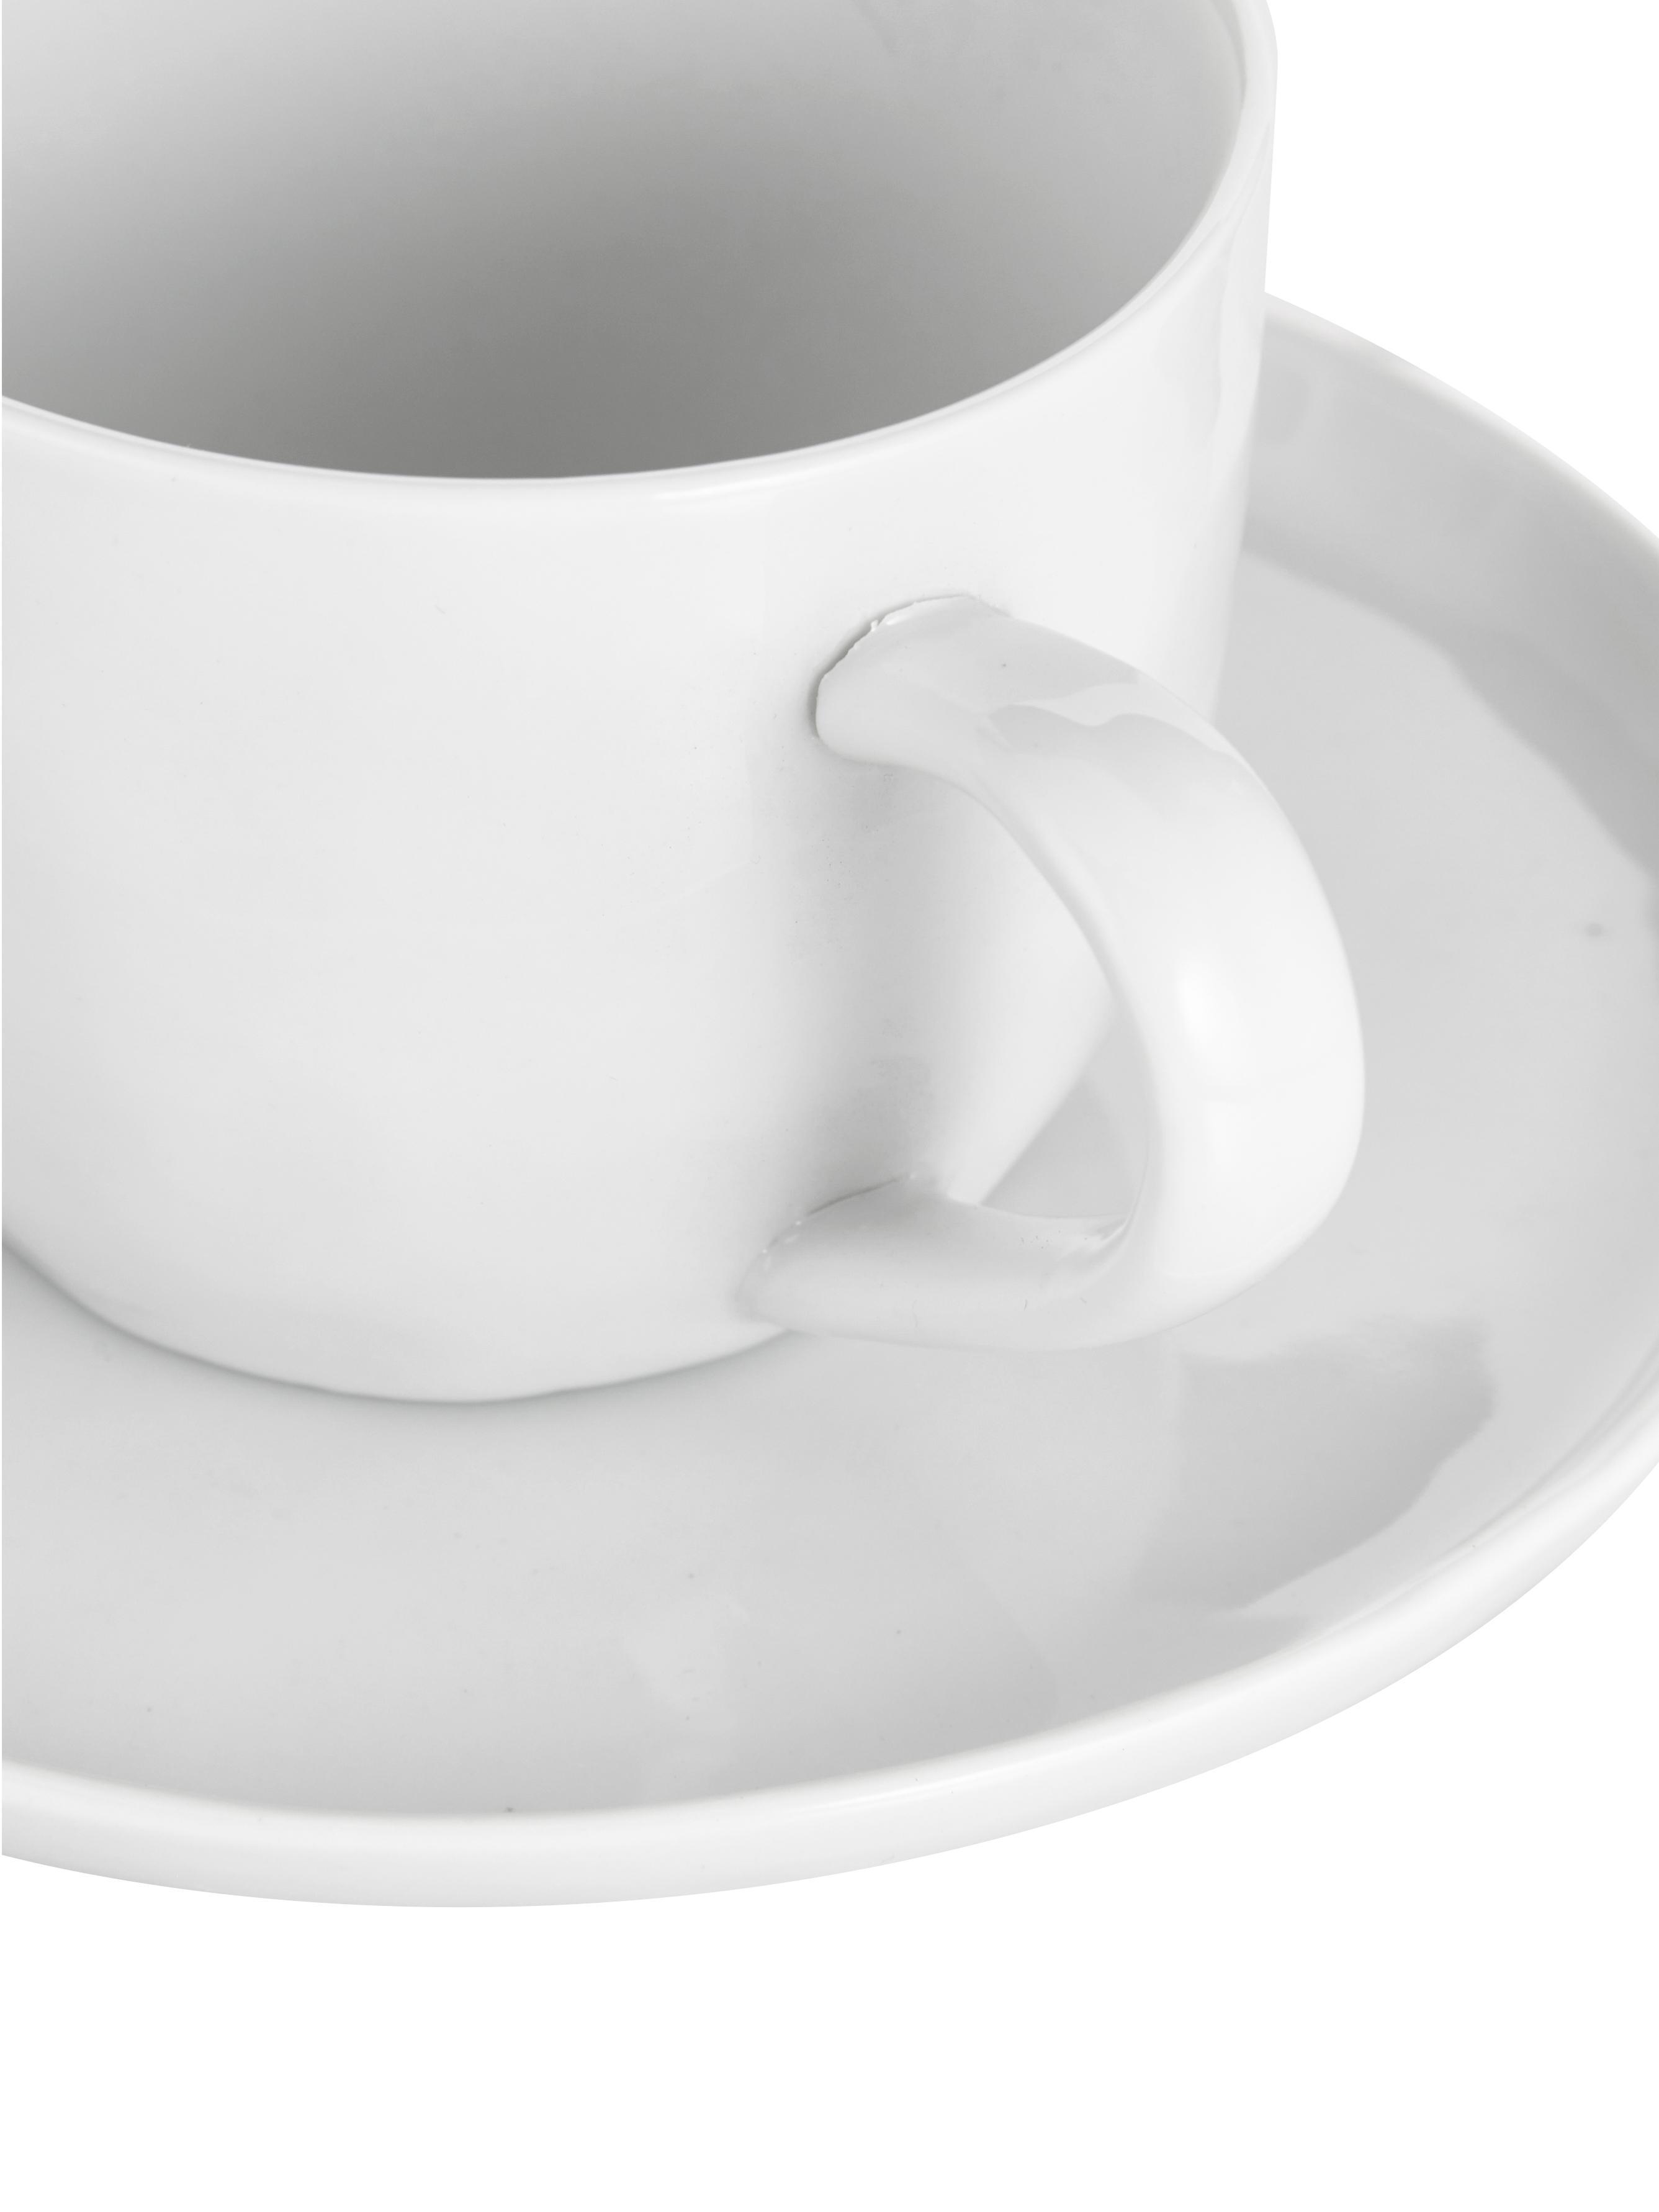 Tasse mit Untertassen Porcelino mit unebener Oberfläche, 6 Stück, Porzellan, gewollt ungleichmäßig, Weiß, Ø 15 x H 8 cm